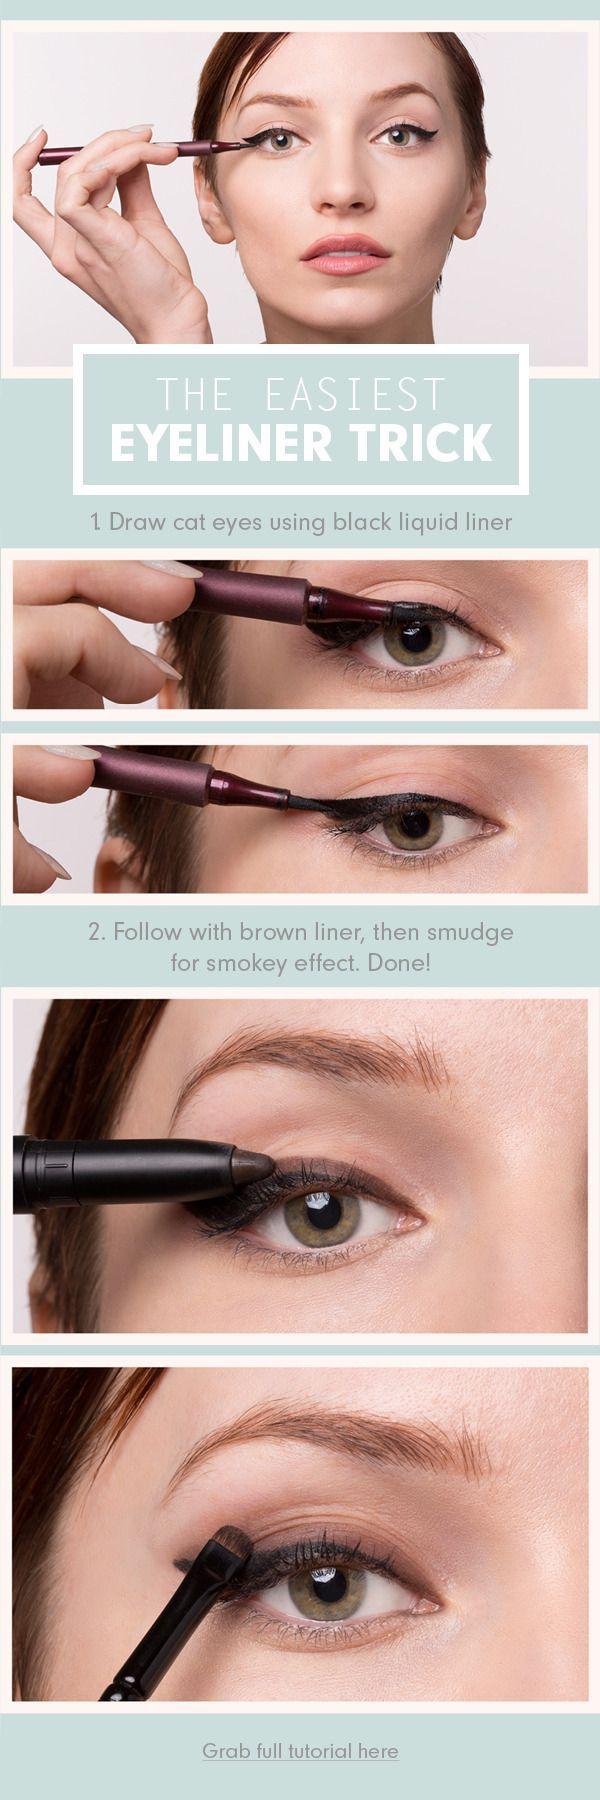 easiest eyeliner trick ever